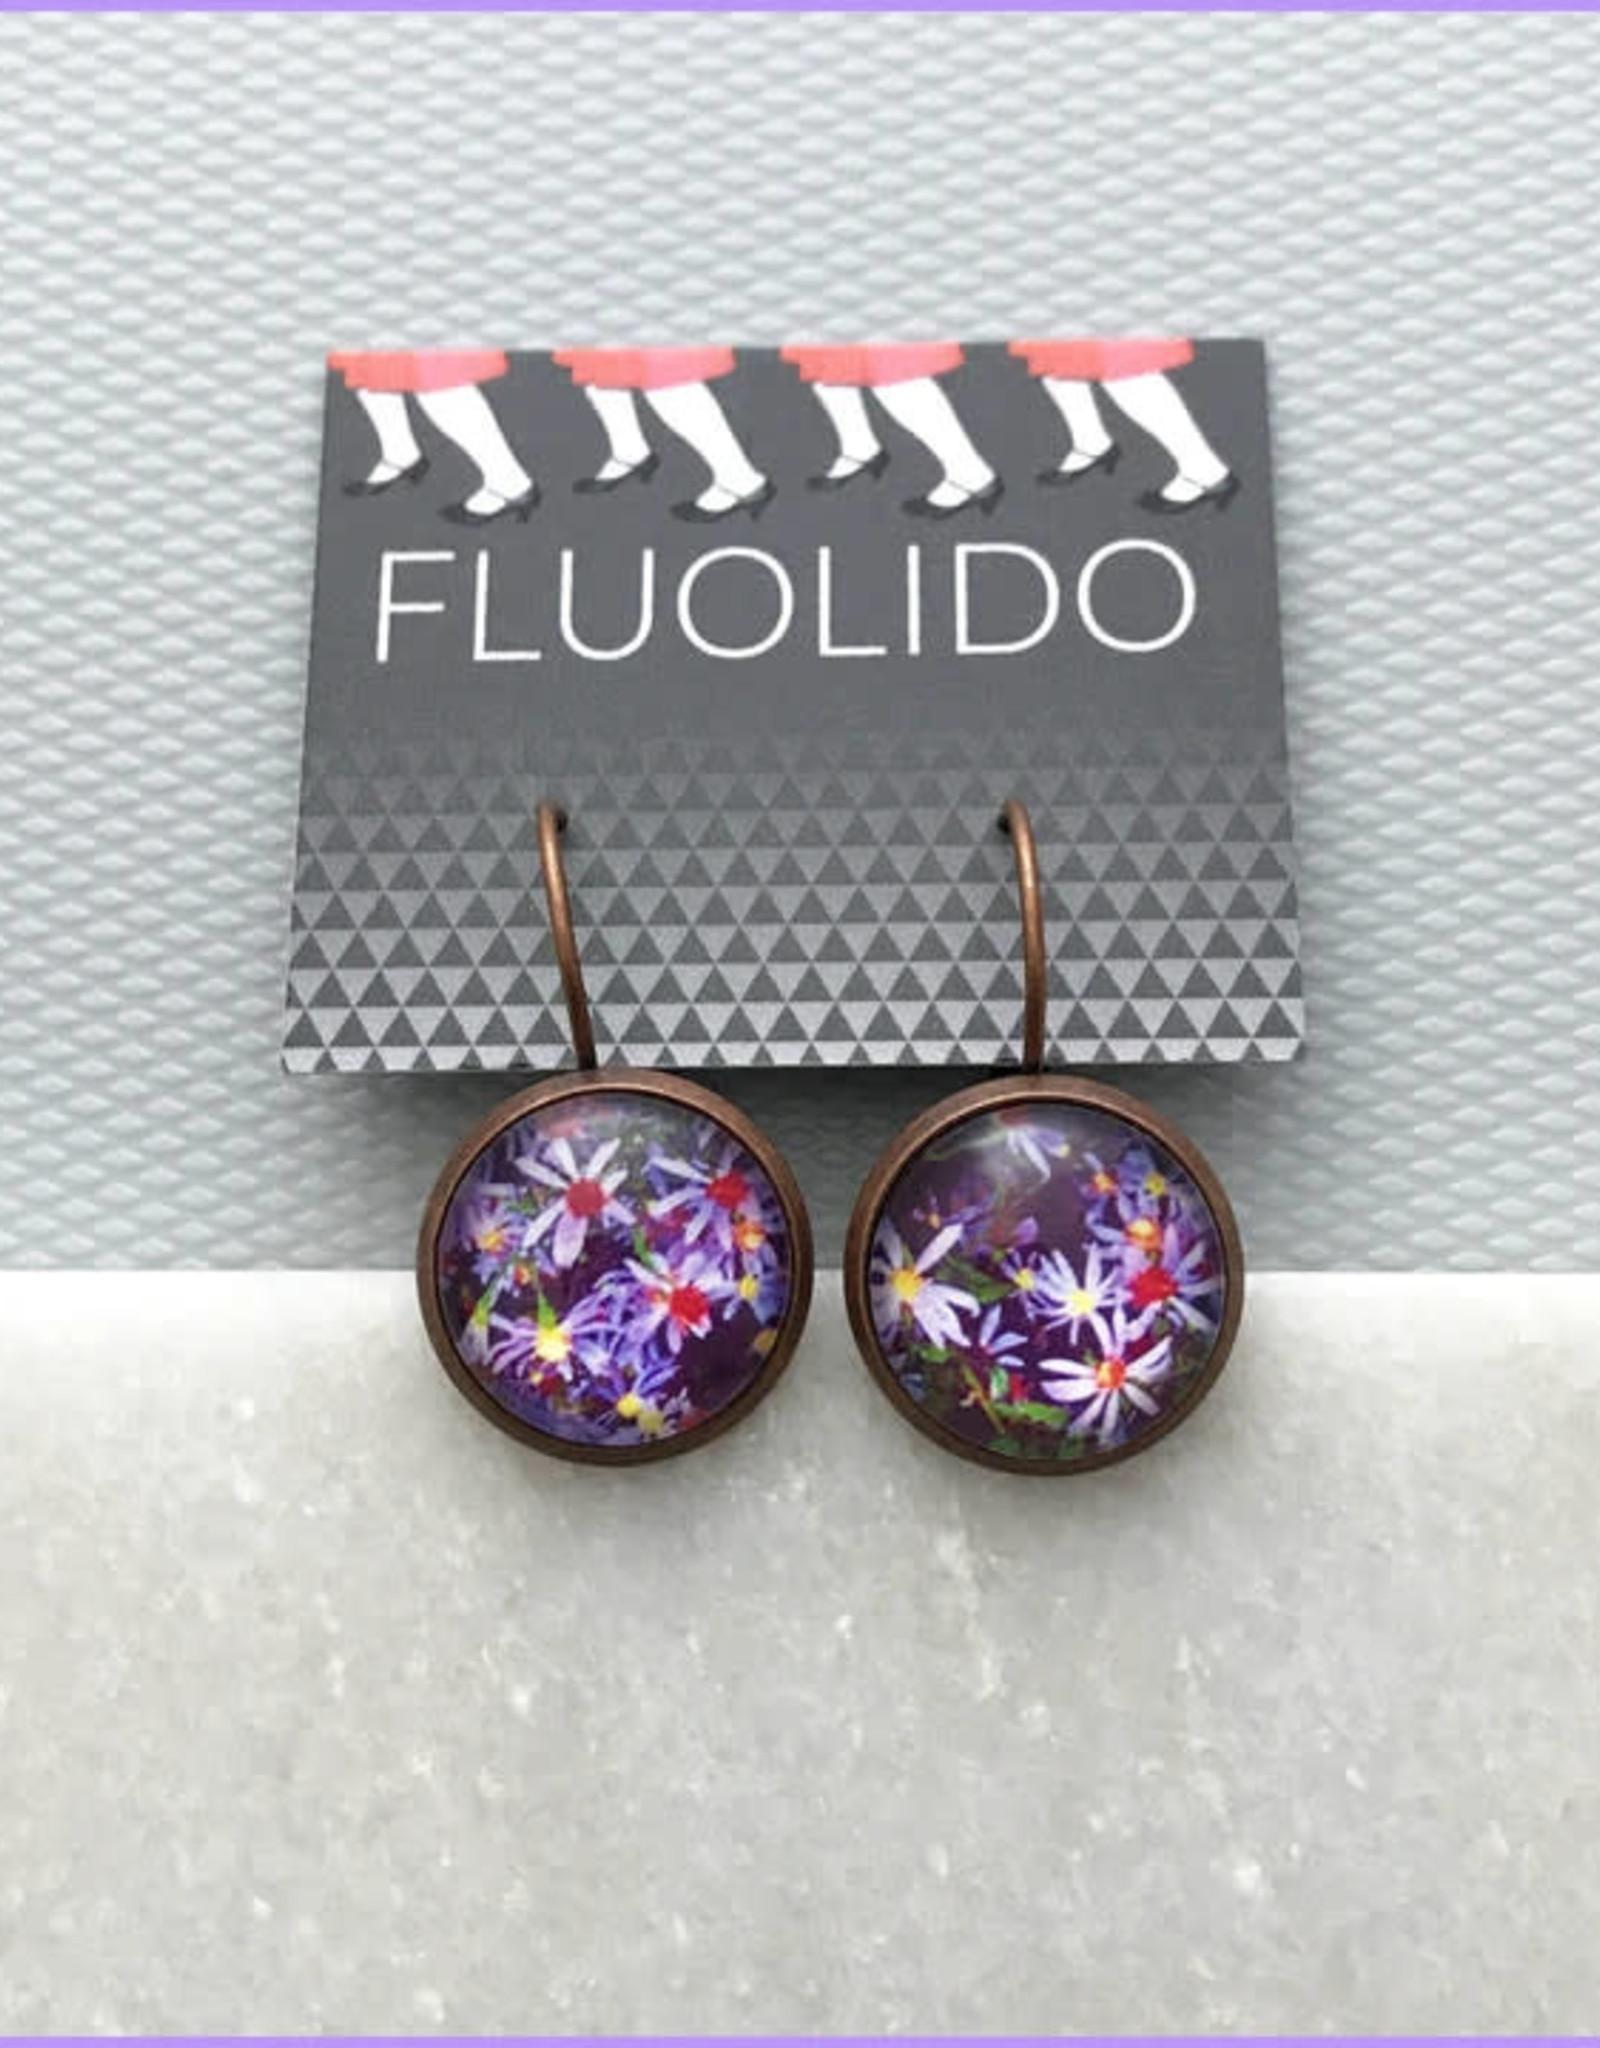 Fluolido Boucles d'oreilles Micro Fluolido Jardins (Cuivre)